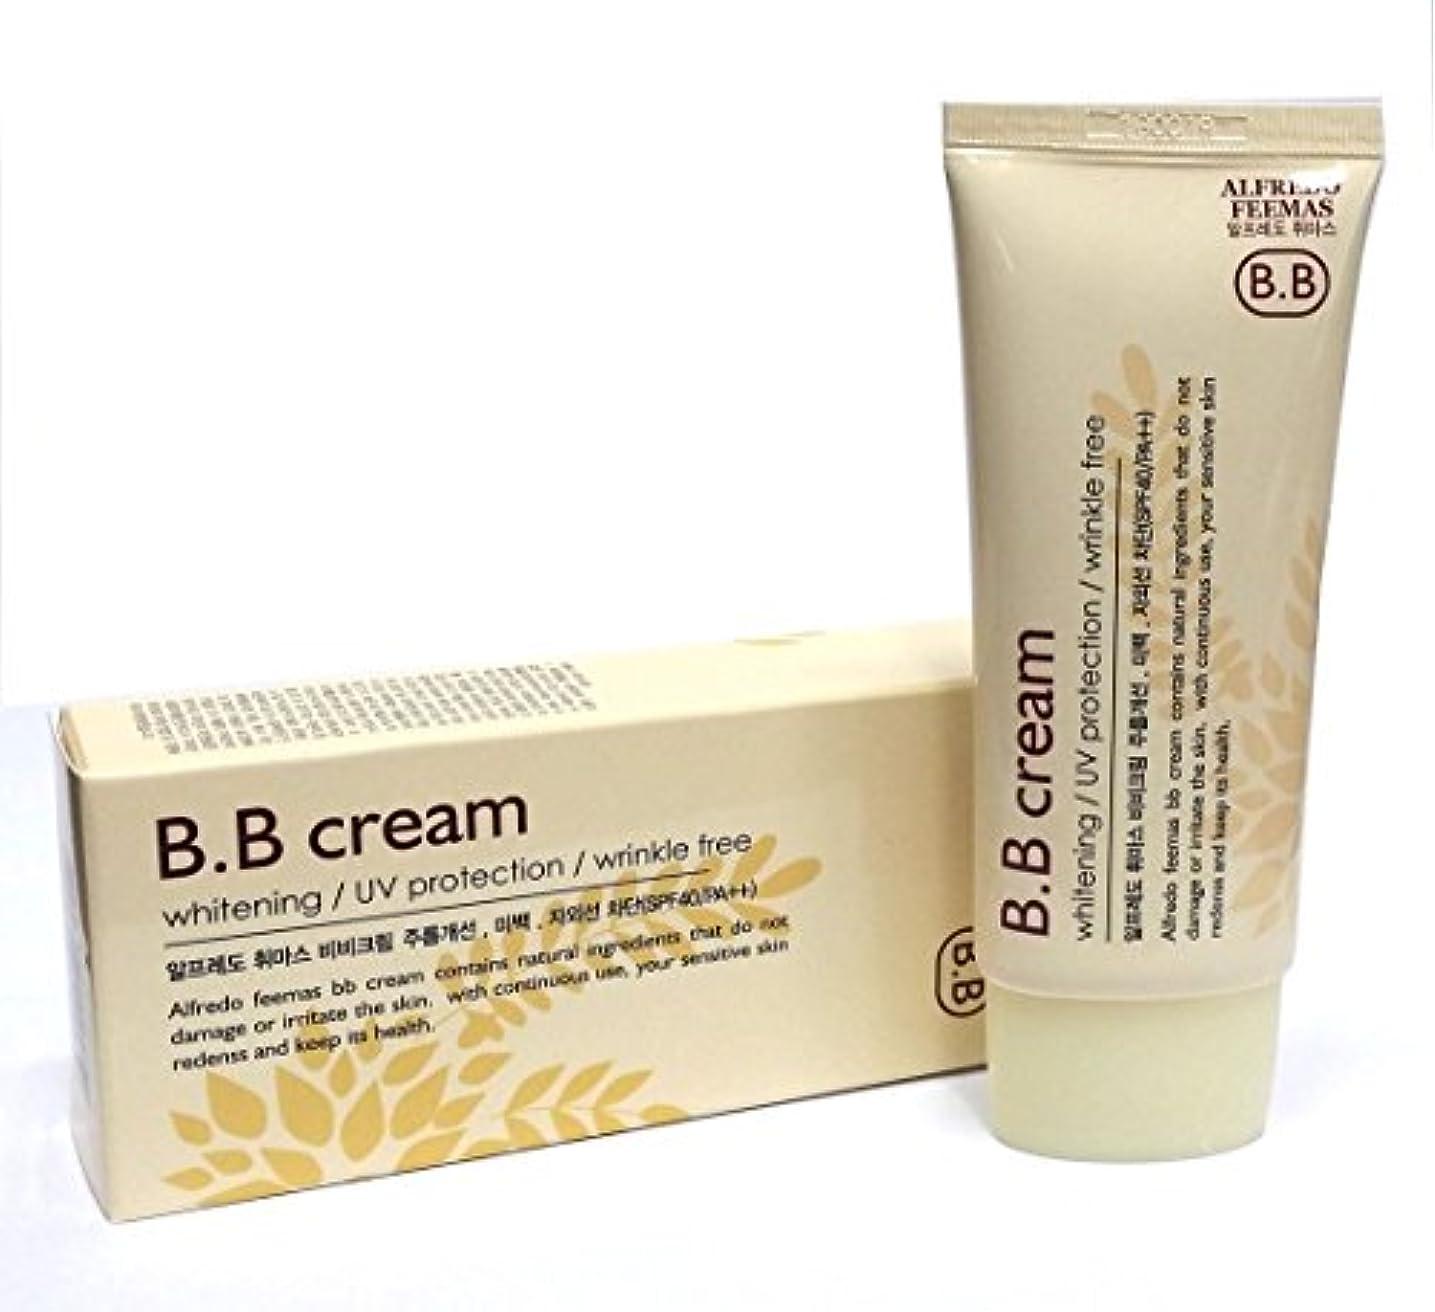 かわいらしいパフバランスアルフレッドフェイマスBBクリーム50ml X 3ea / Alfredo feemas BB cream 50ml X 3ea / ホワイトニング、しわ、UVプロテクション(SPF40 PA ++)/ Whitening,Wrinkle free,UV protection (SPF40 PA++) / 韓国化粧品 / Korean Cosmetics [並行輸入品]